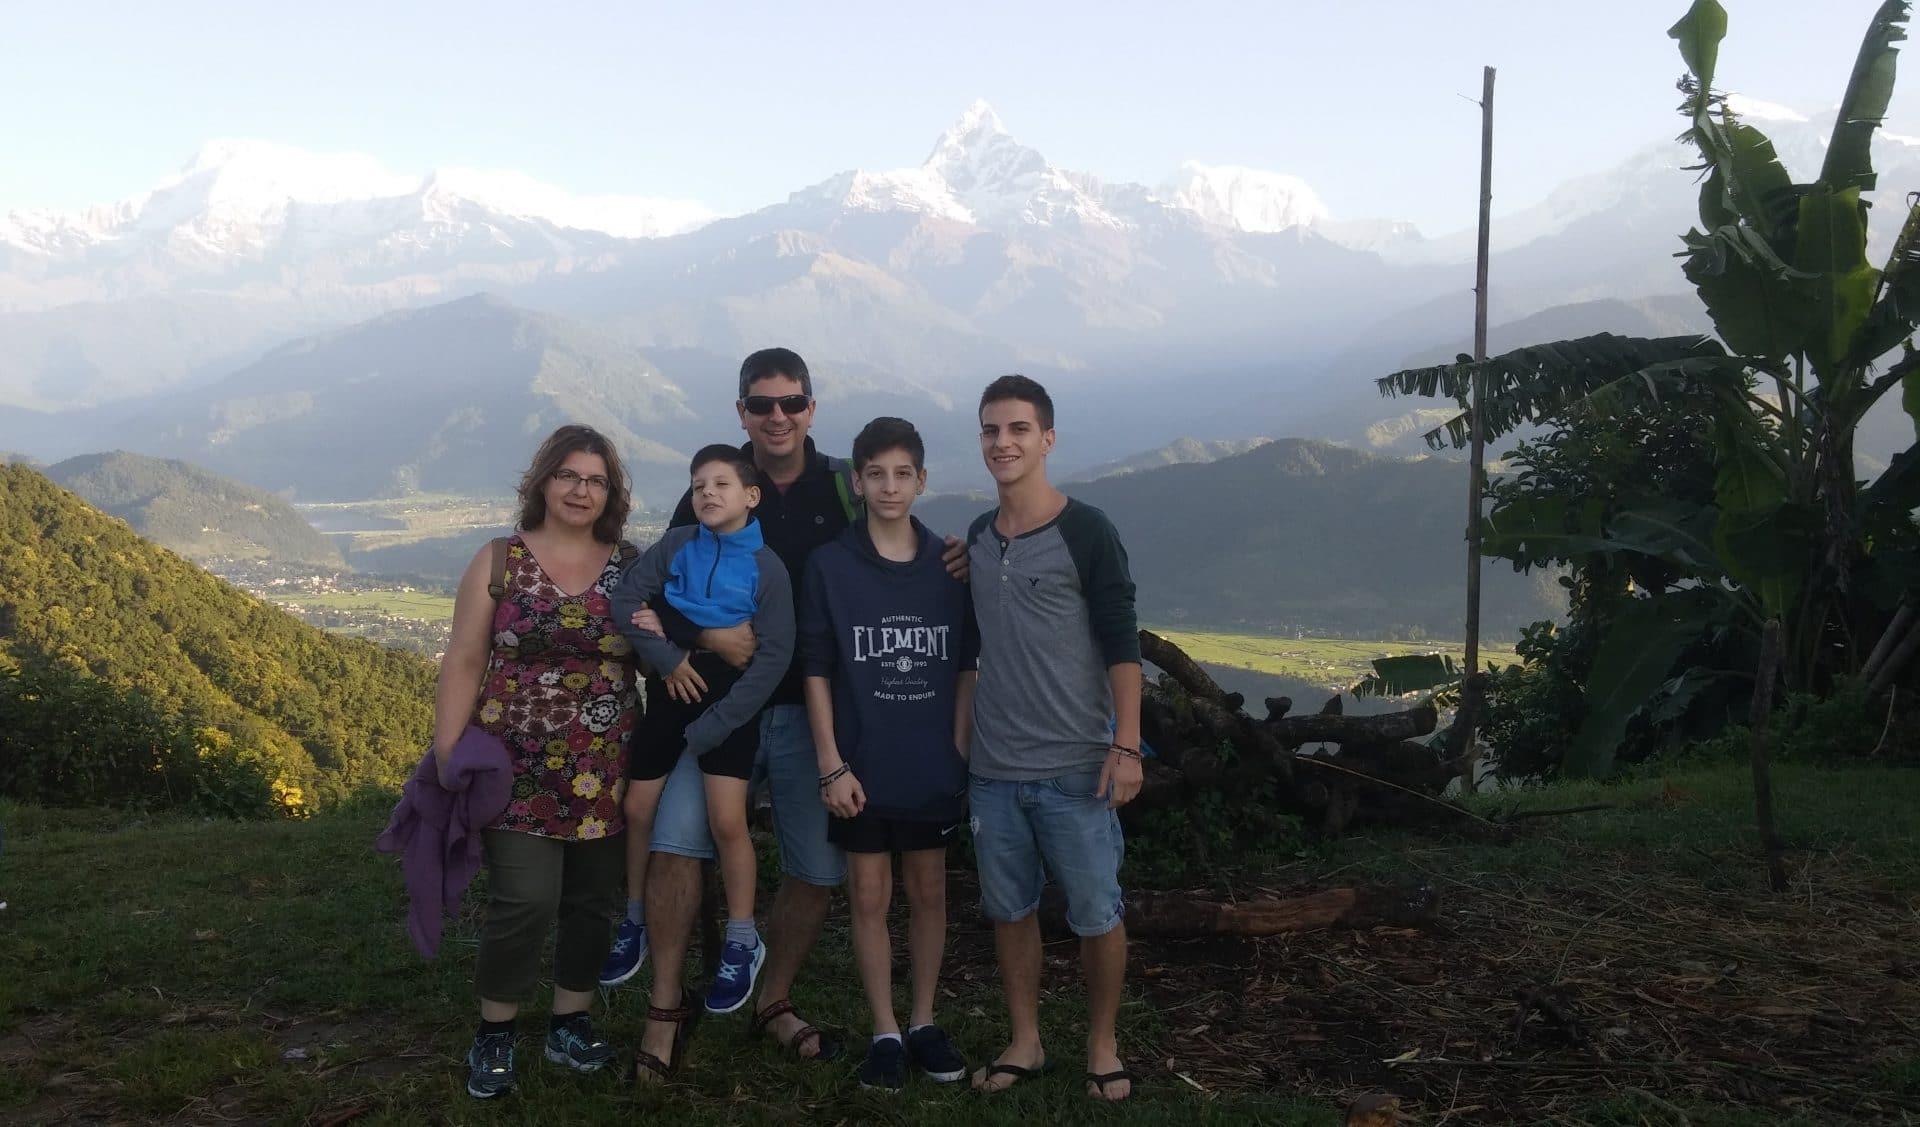 רכס הרי האנפורנה נפאל